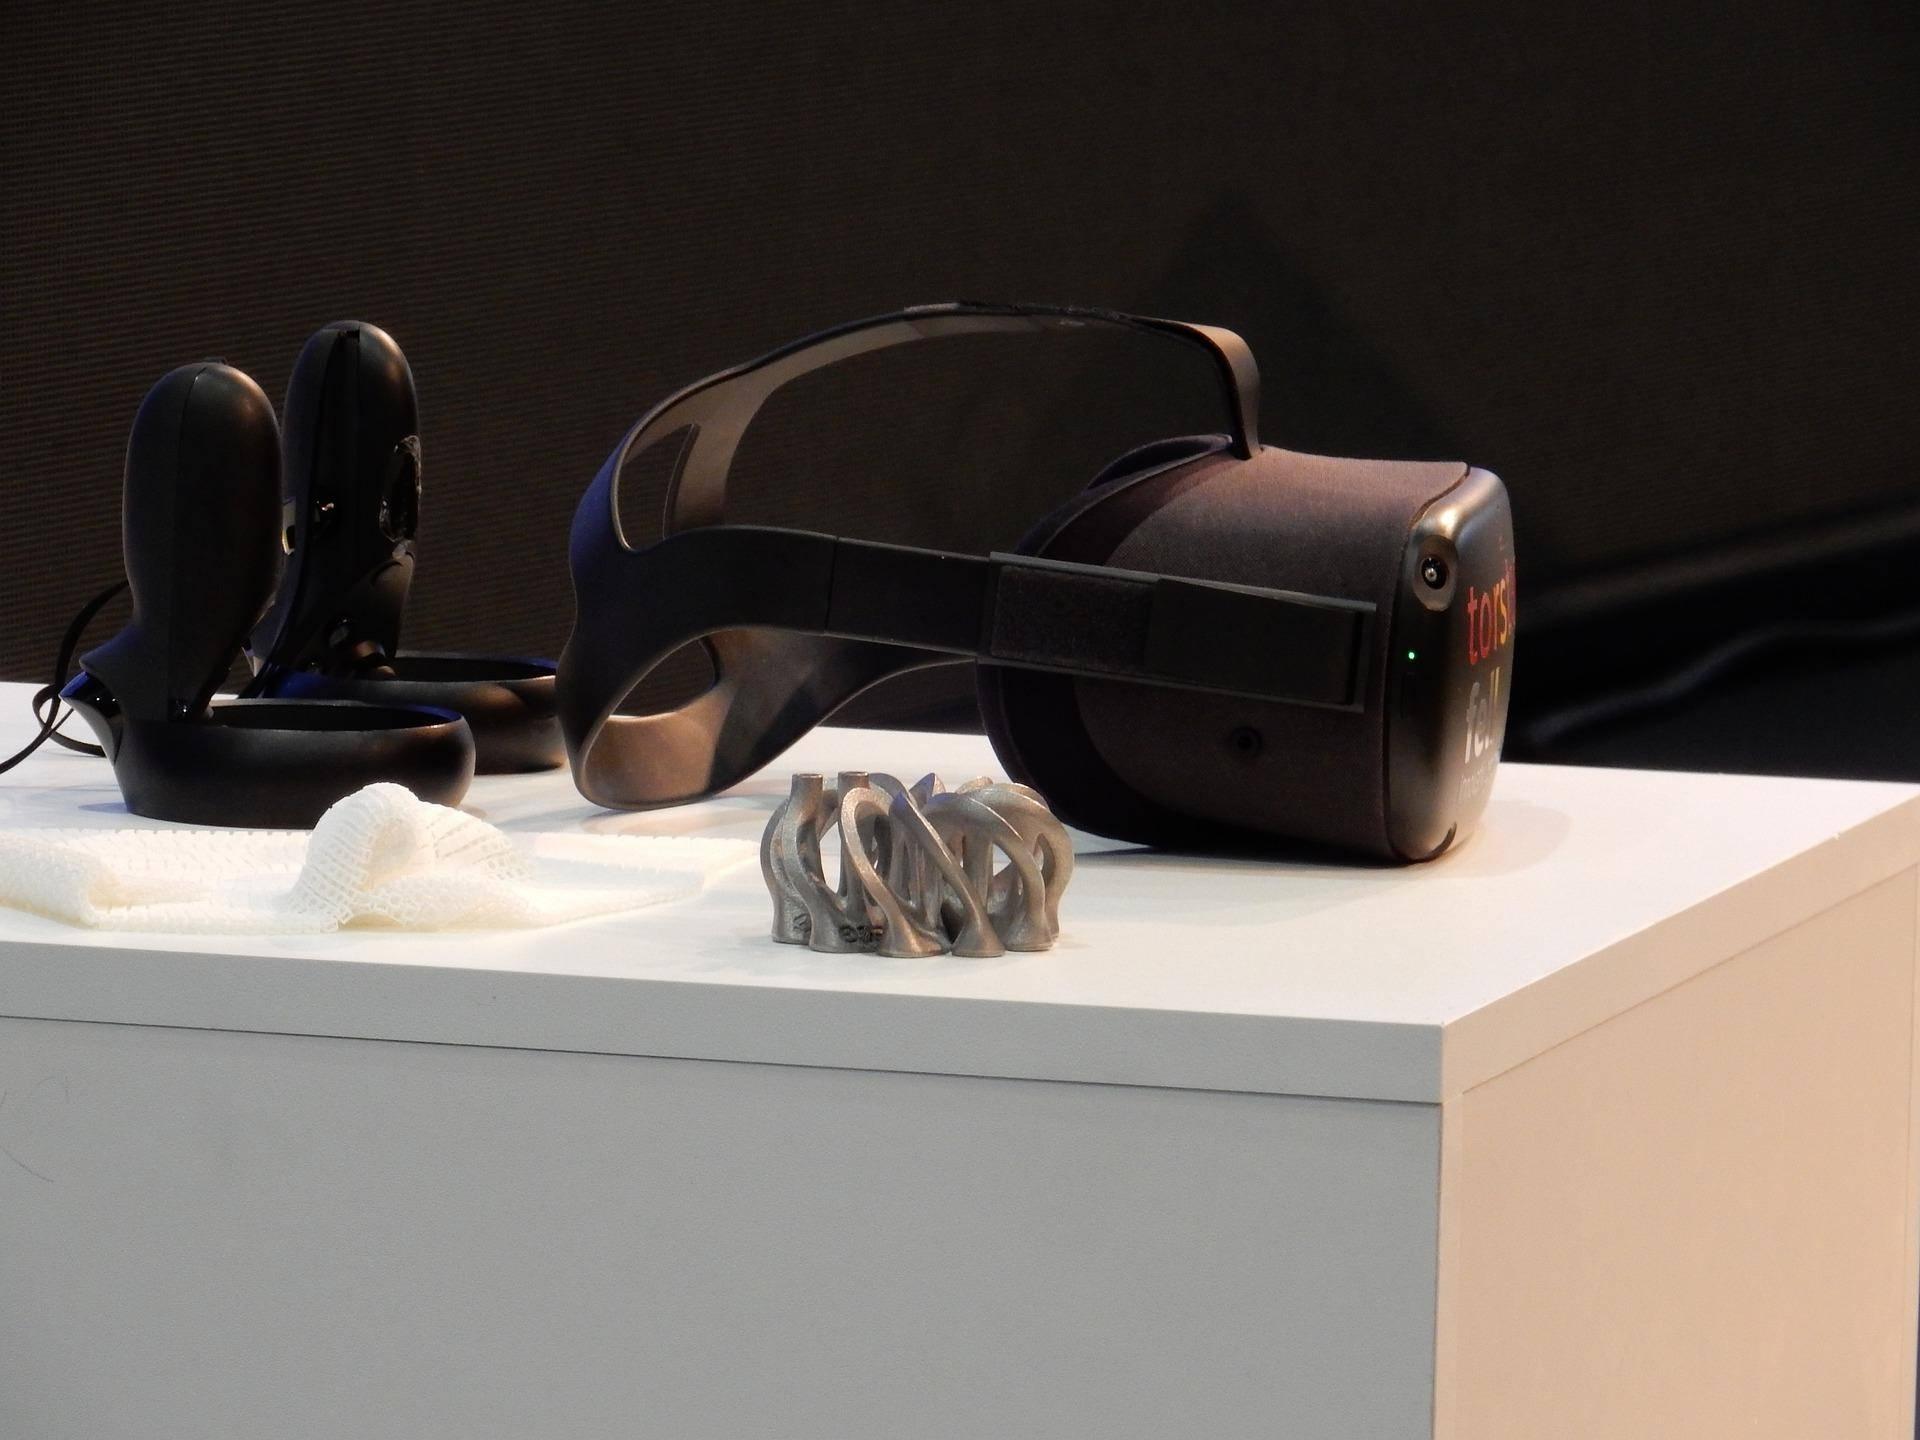 VR游戏新体验!微软黑科技:通过机械装置让VR有触觉